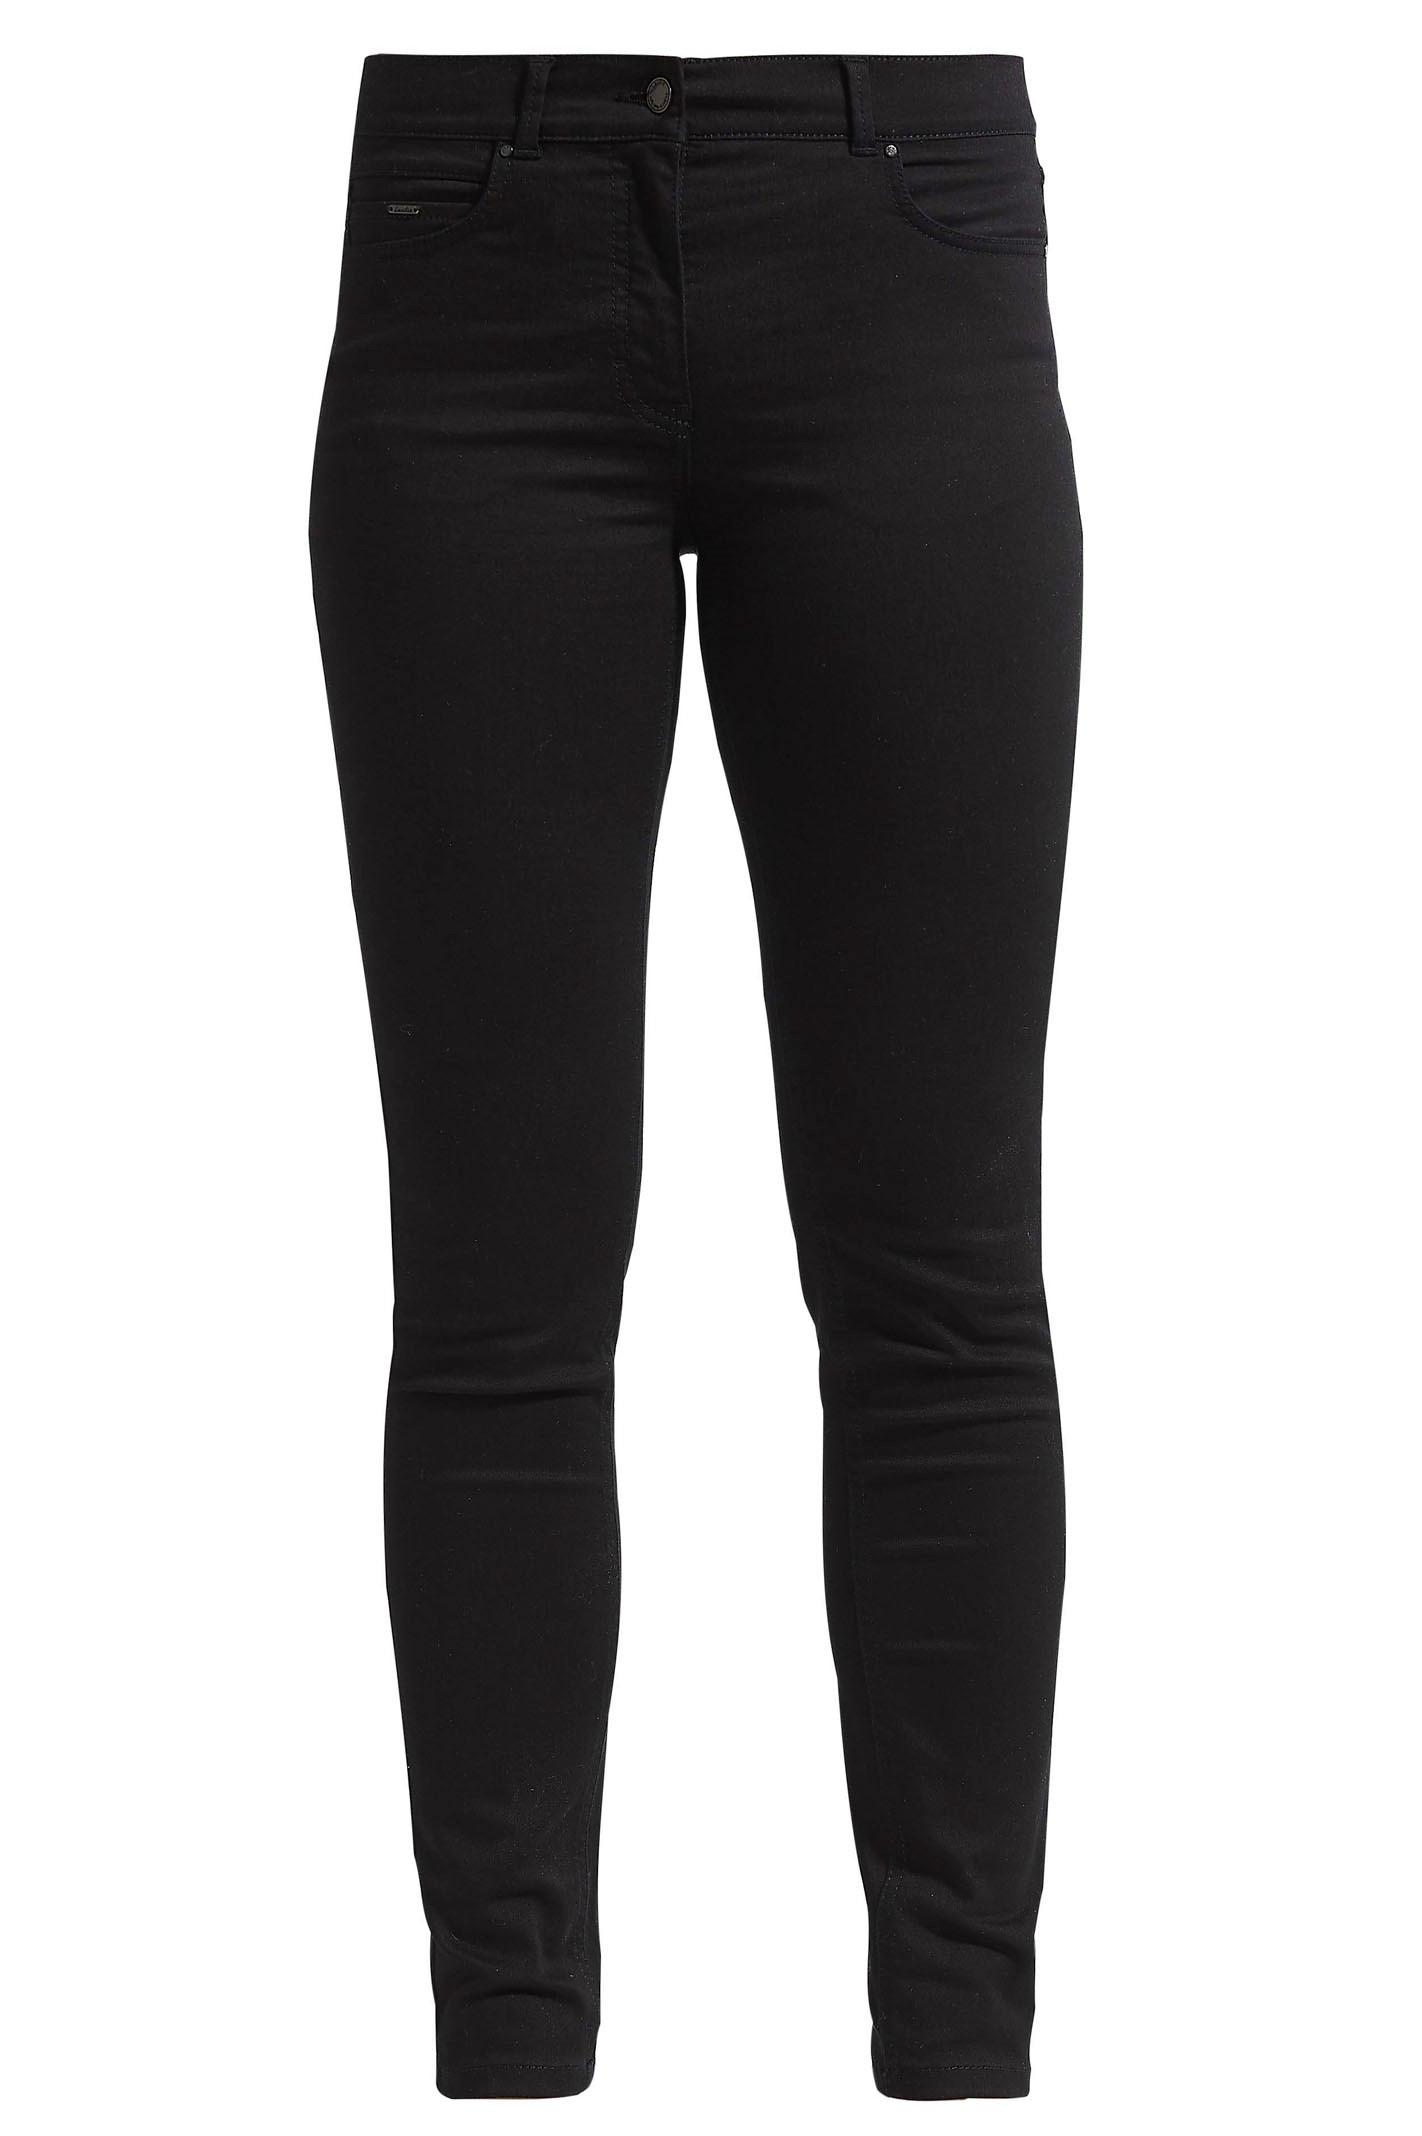 Bukser til kvinder Shop et stort udvalg af damebukser